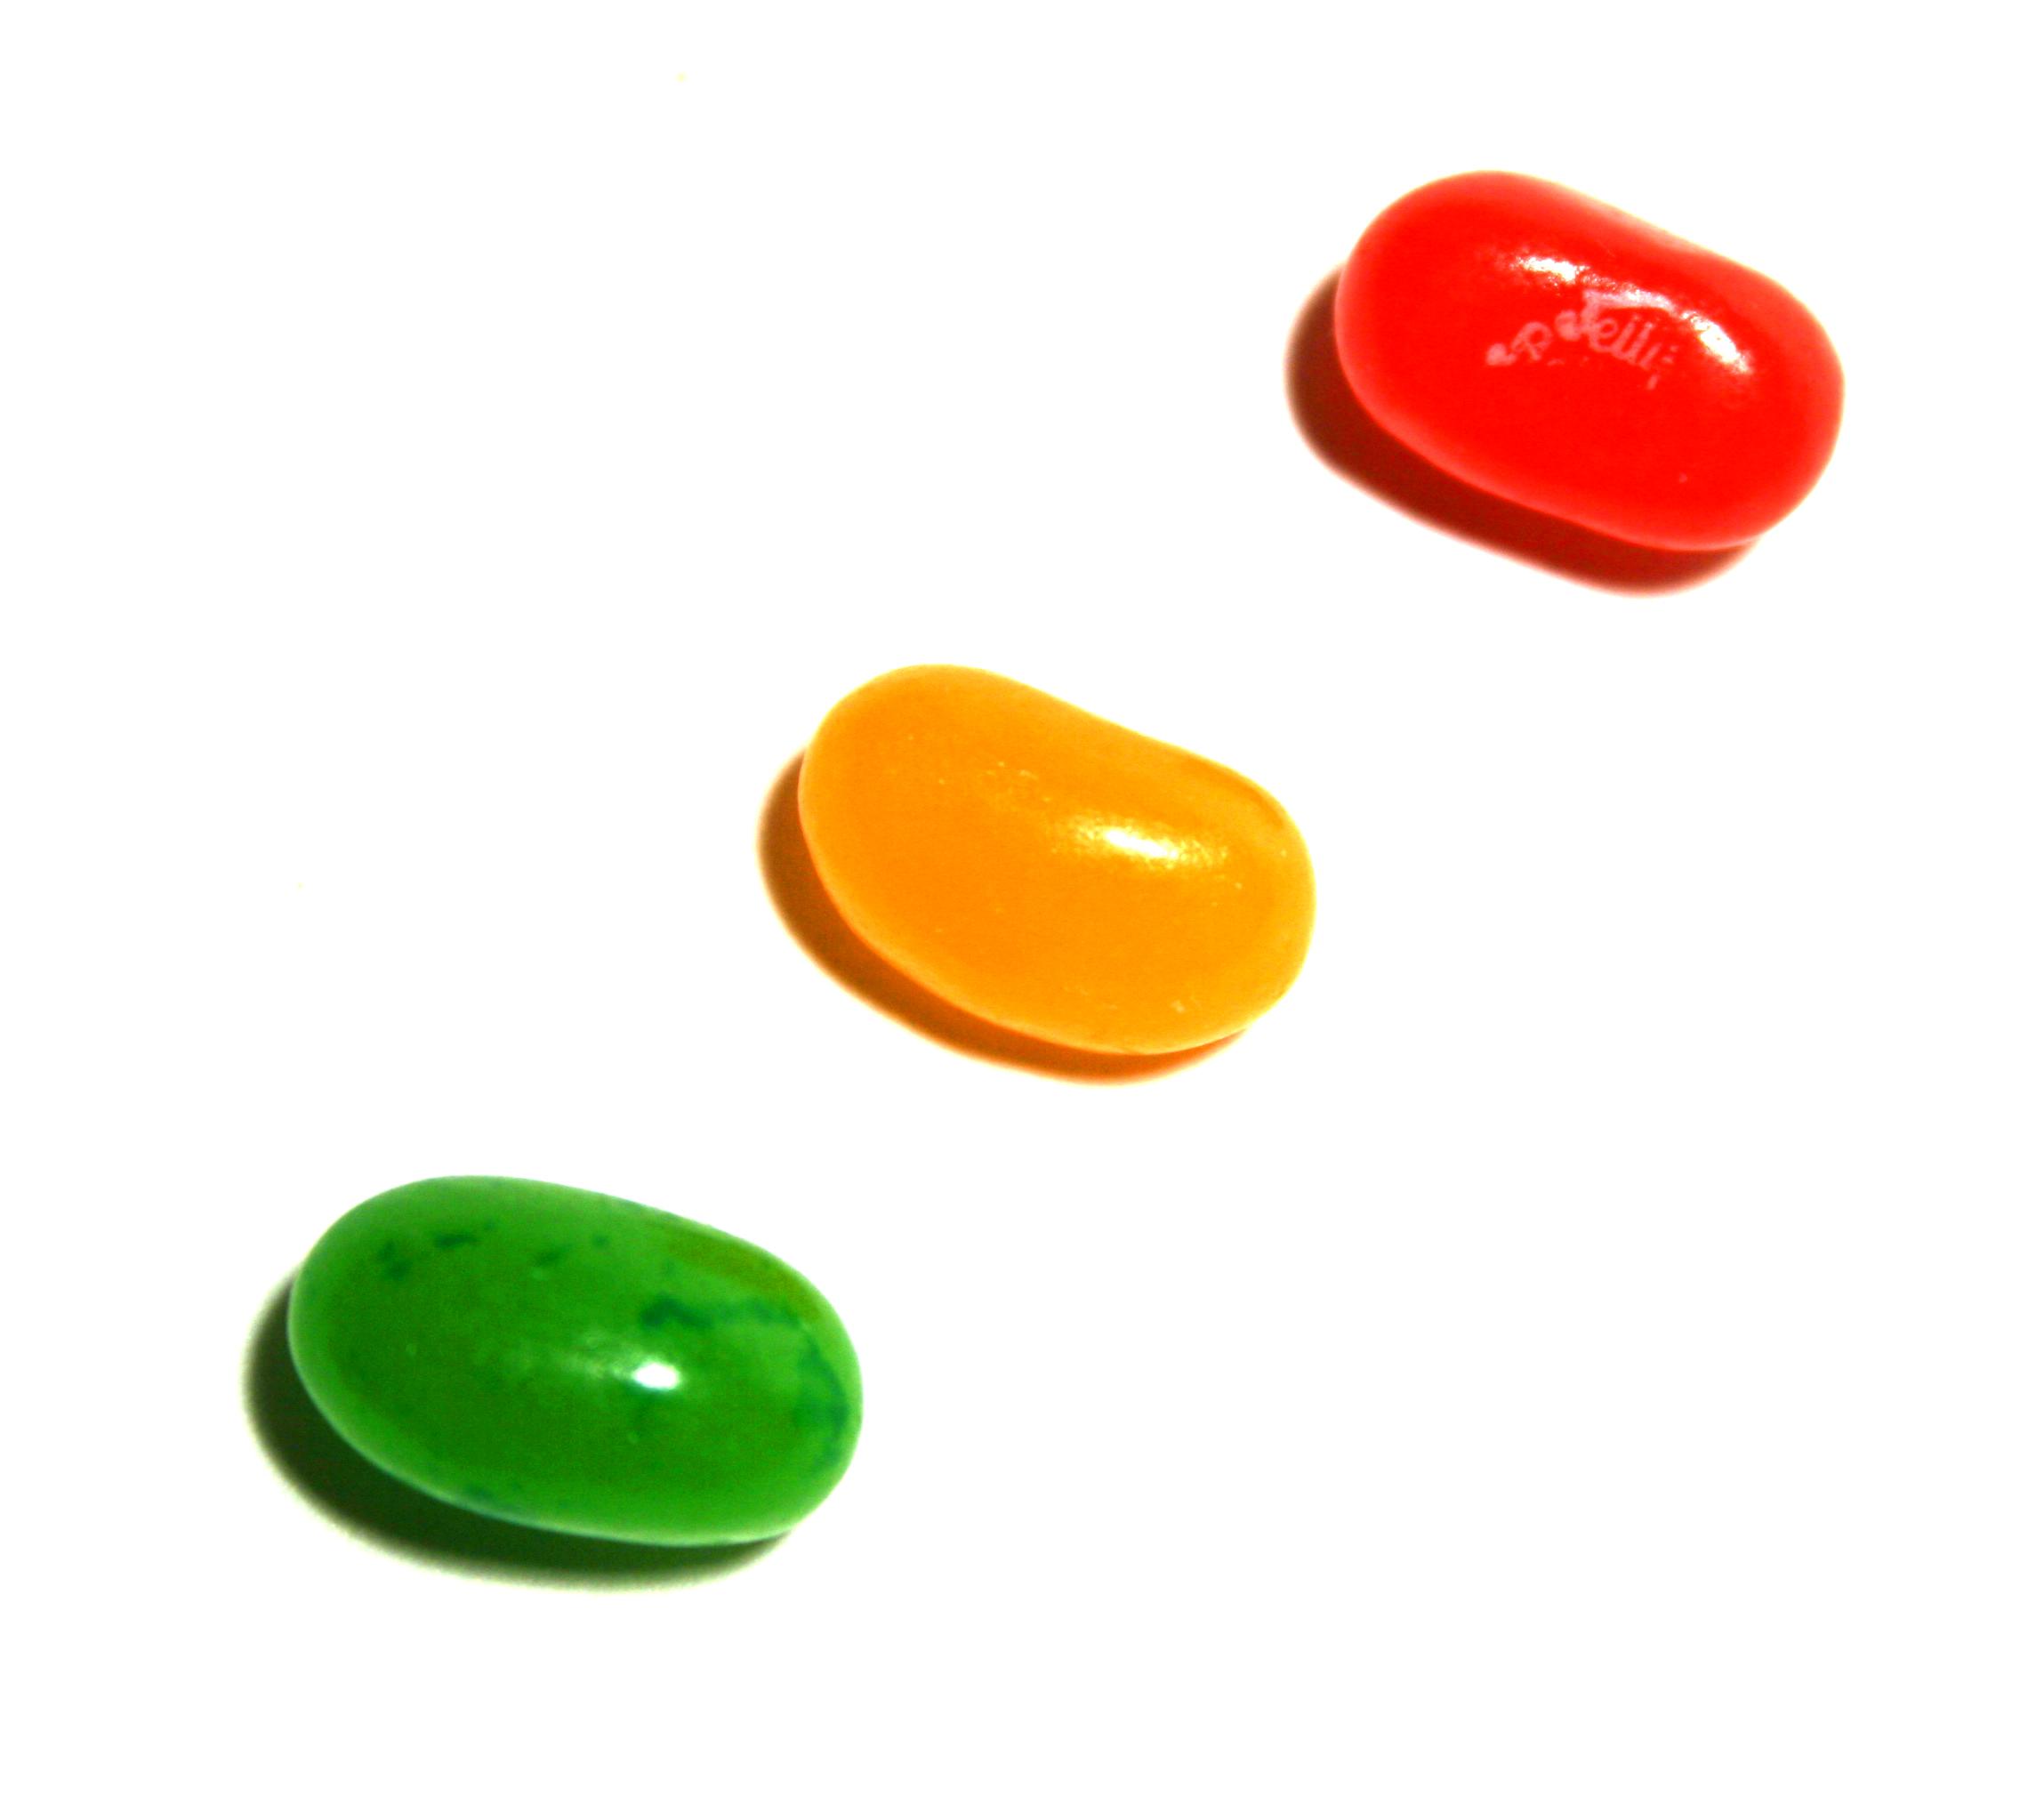 Jelly Beans clipart i love I Single Clipart Single jelly